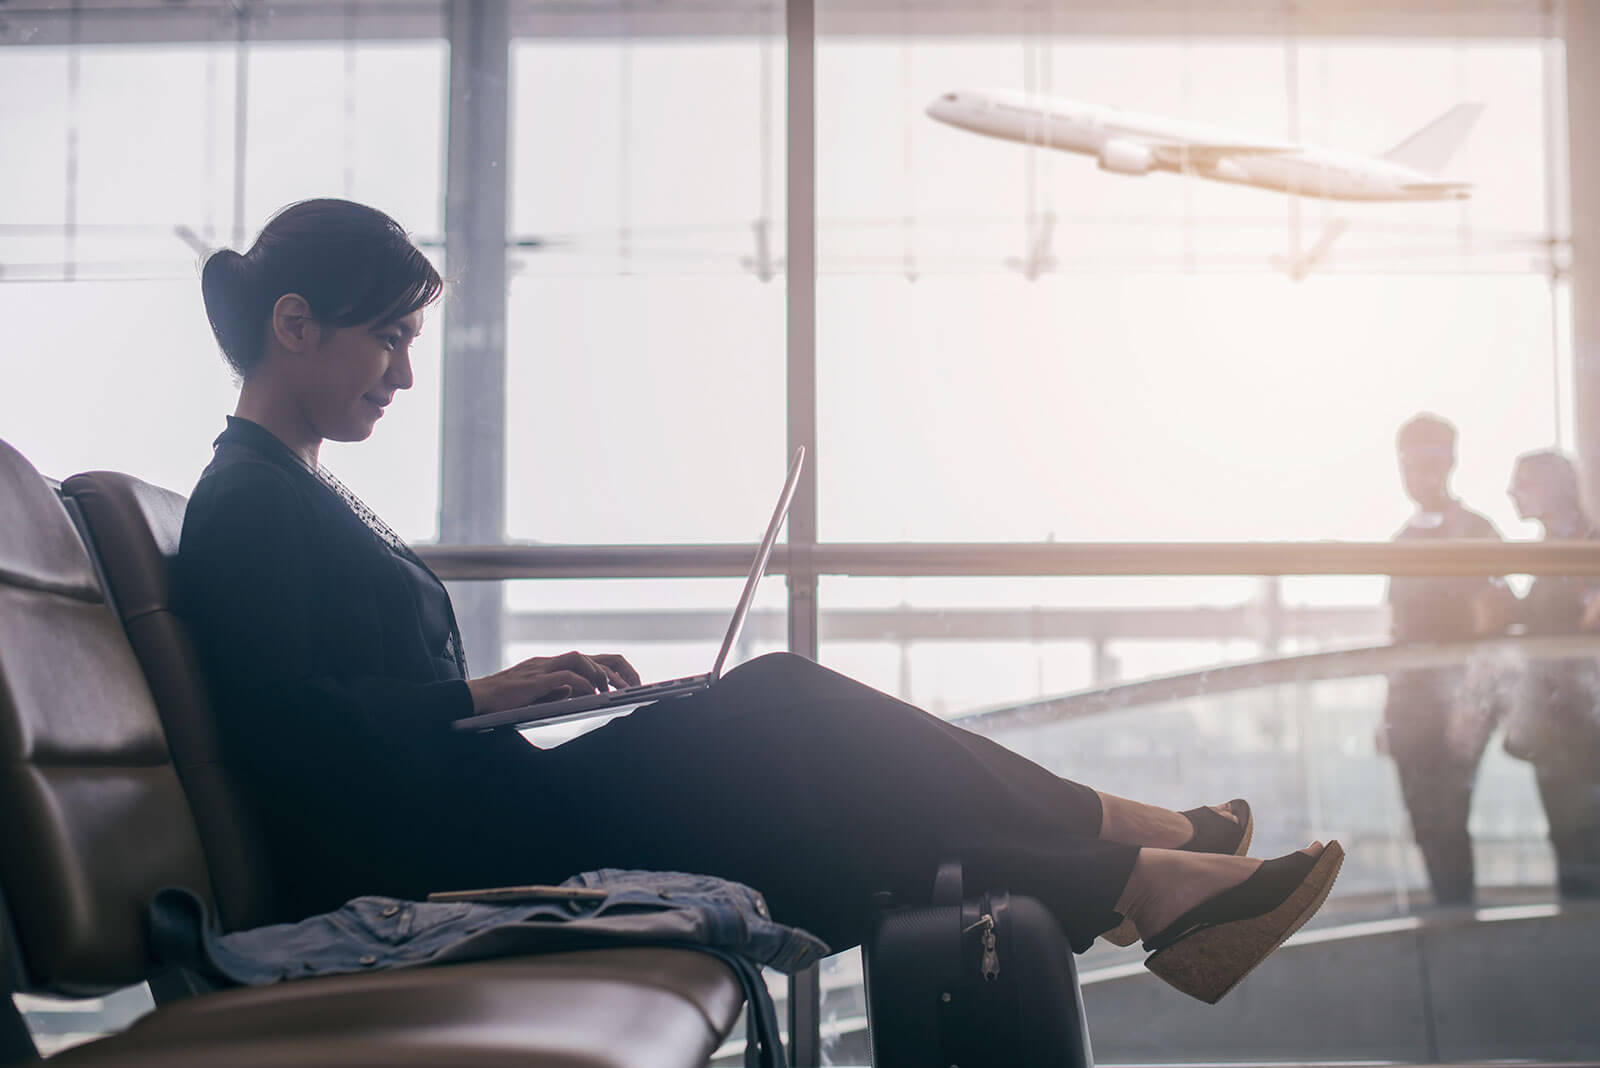 Eine Frau arbeitet am Gate und wartet auf Ihren Flug